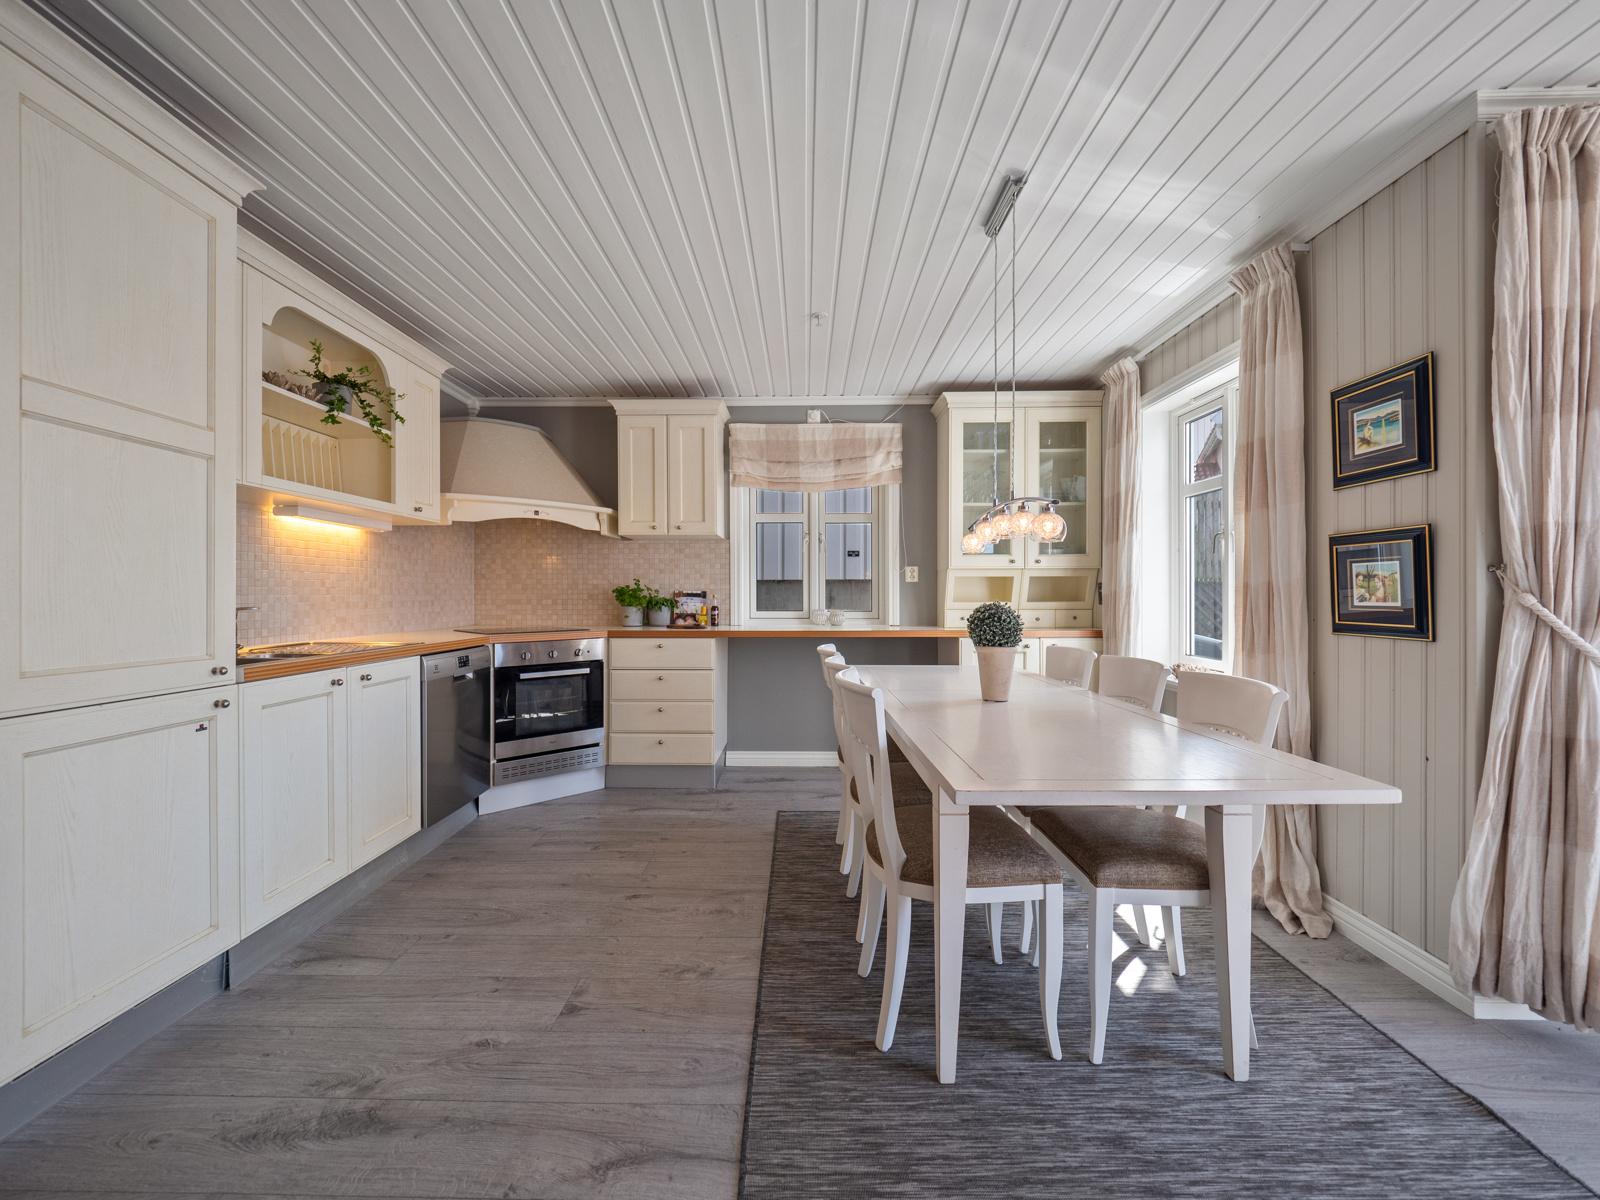 Kjøkken med integrerte hvitevarer - Videre er det mye benk- og oppbevaringsplass